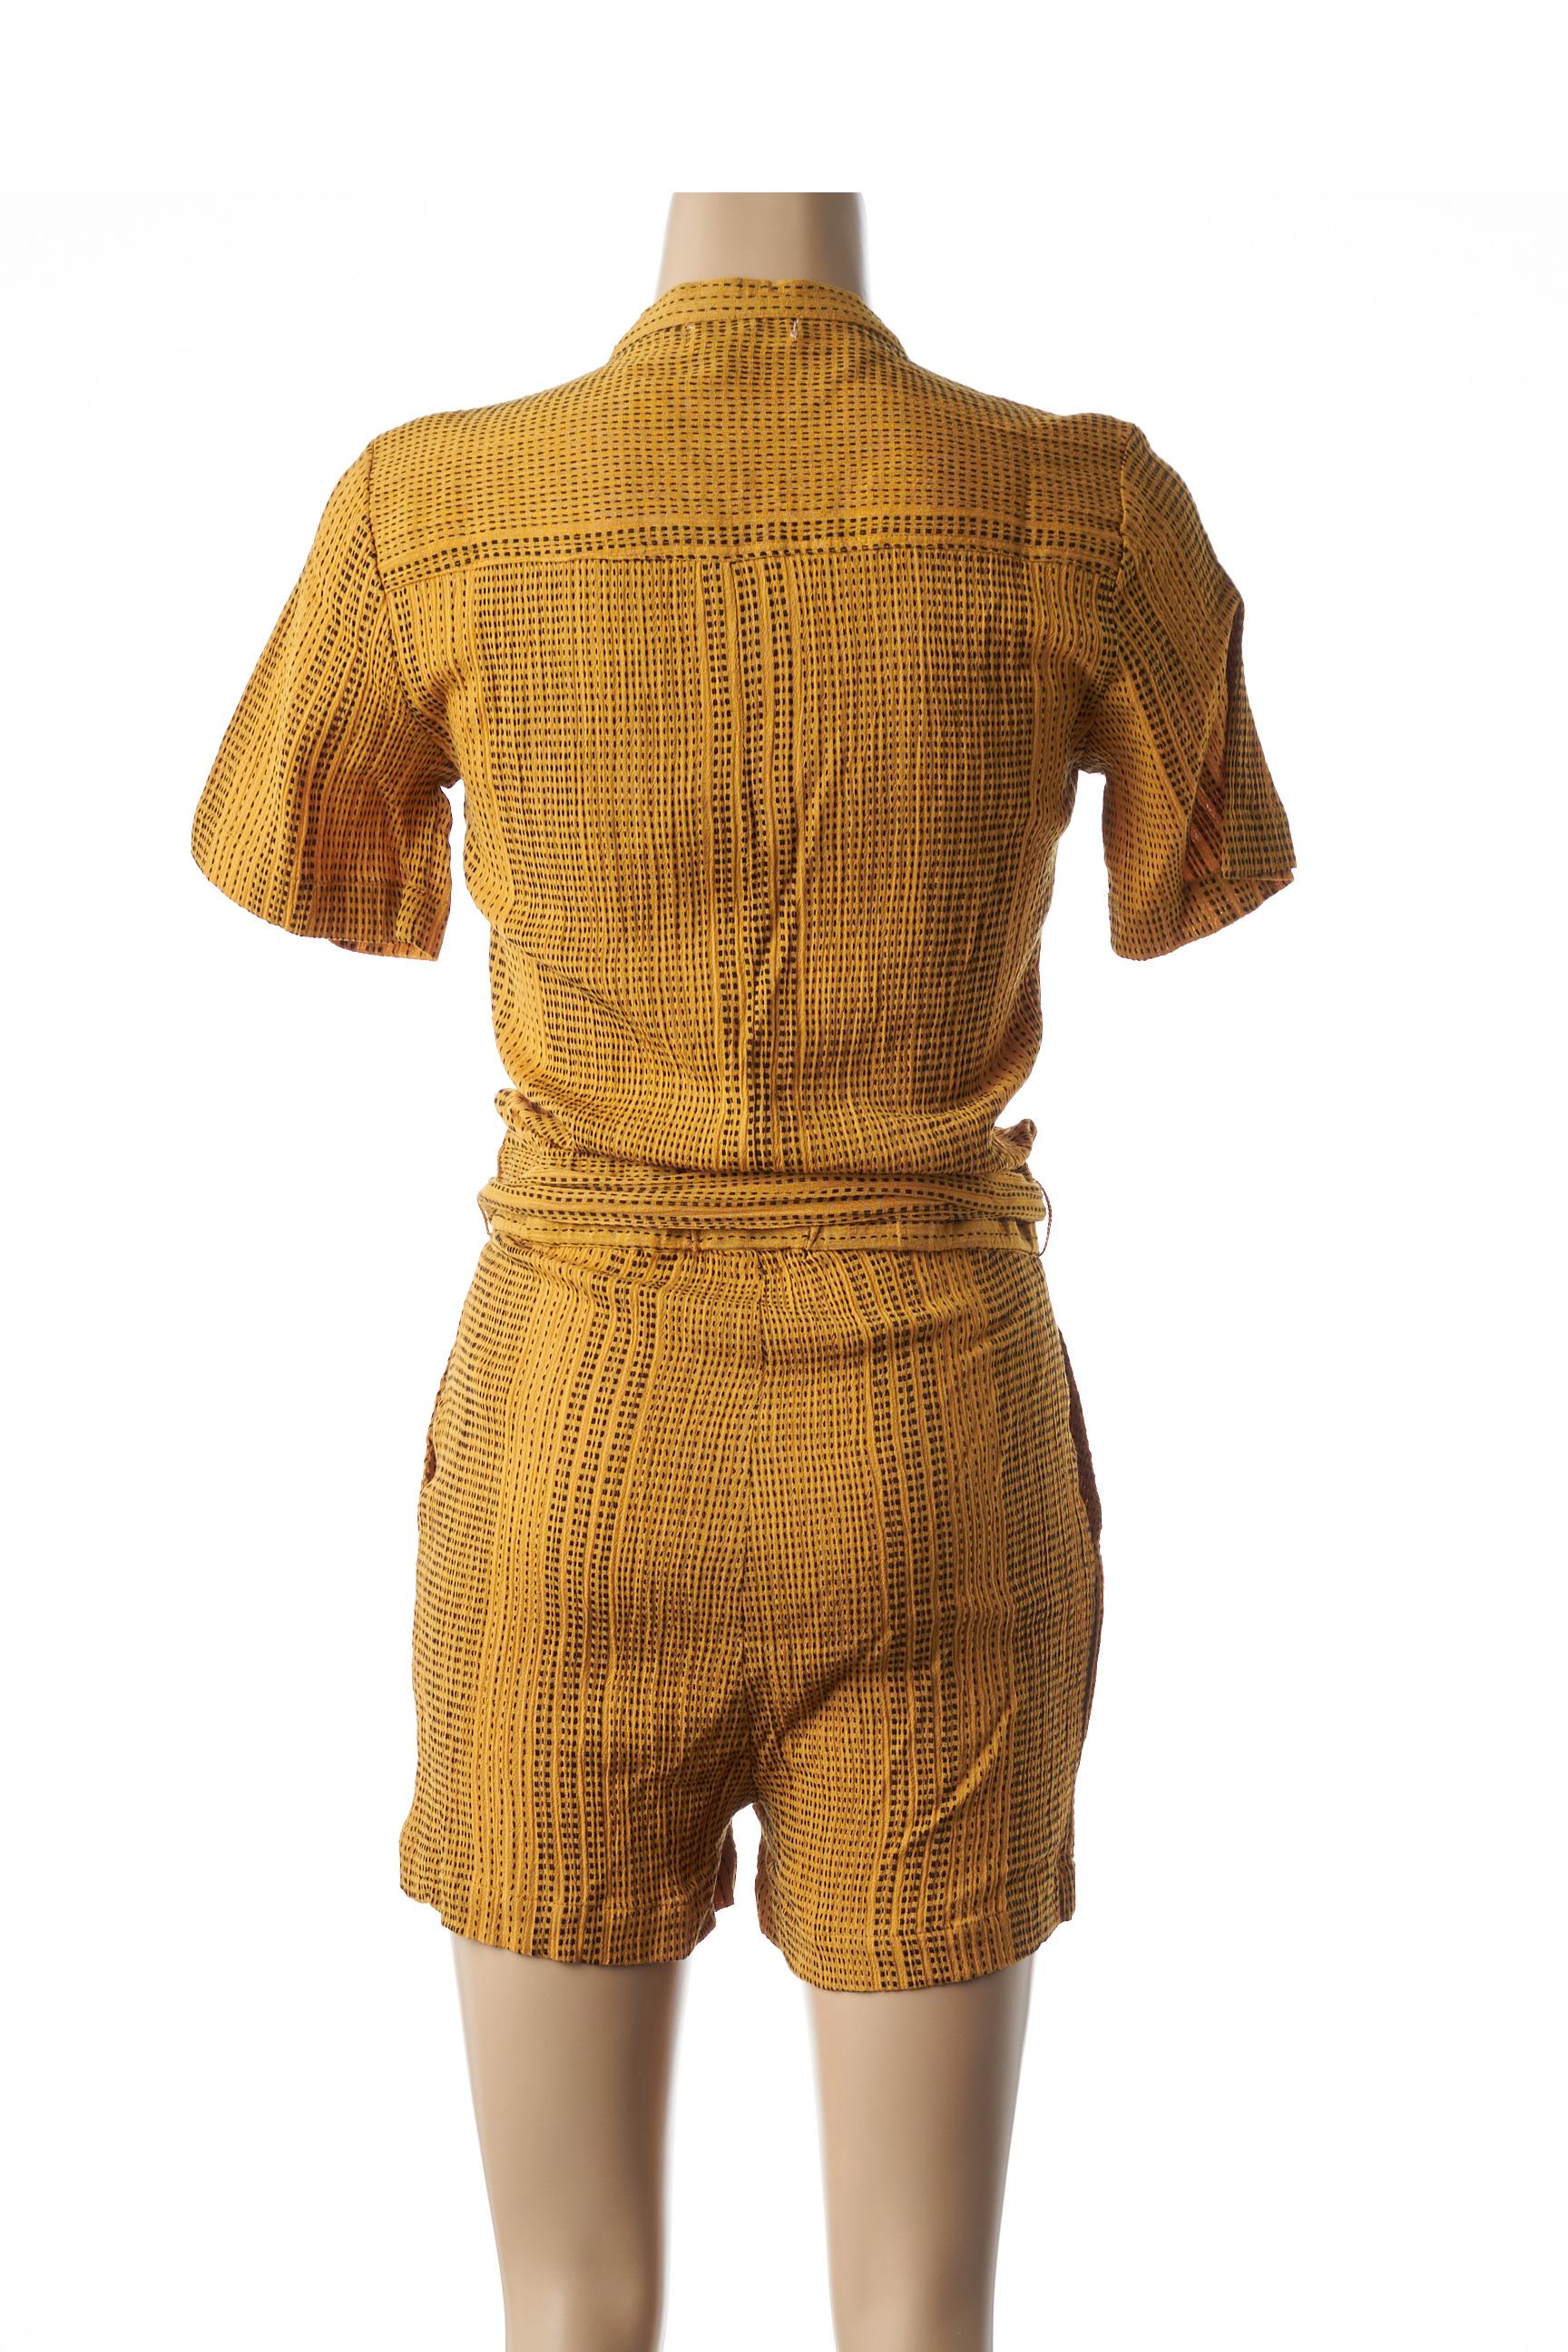 Suncoo Combi Shorts Femme De Couleur Jaune En Soldes Pas Cher 1442665-jaune0